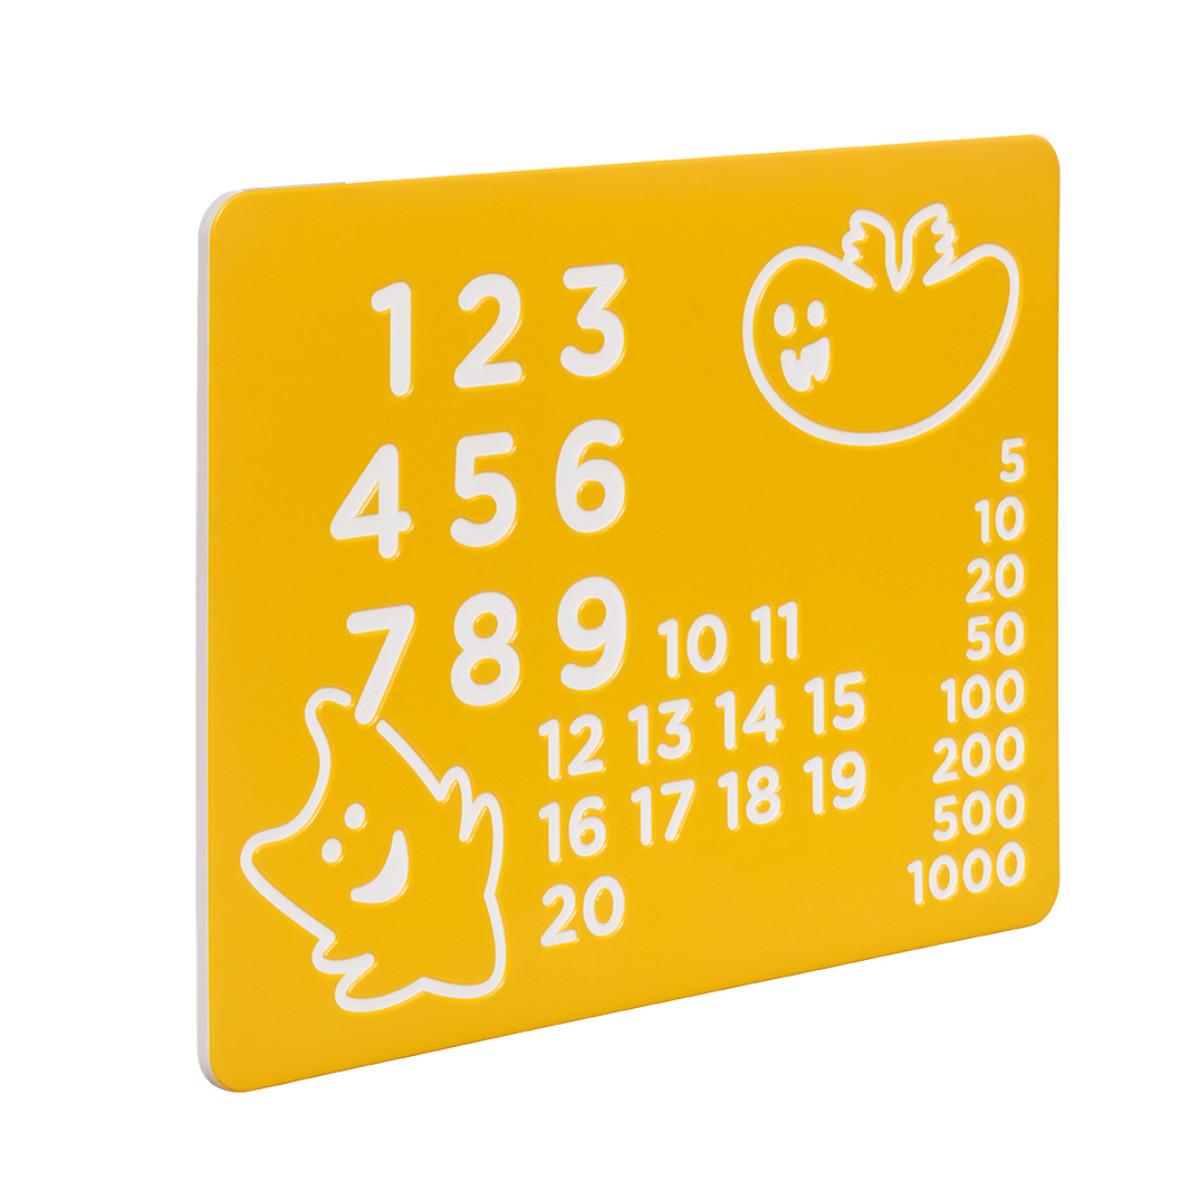 Ігрова HDPE панель Цифри KBT